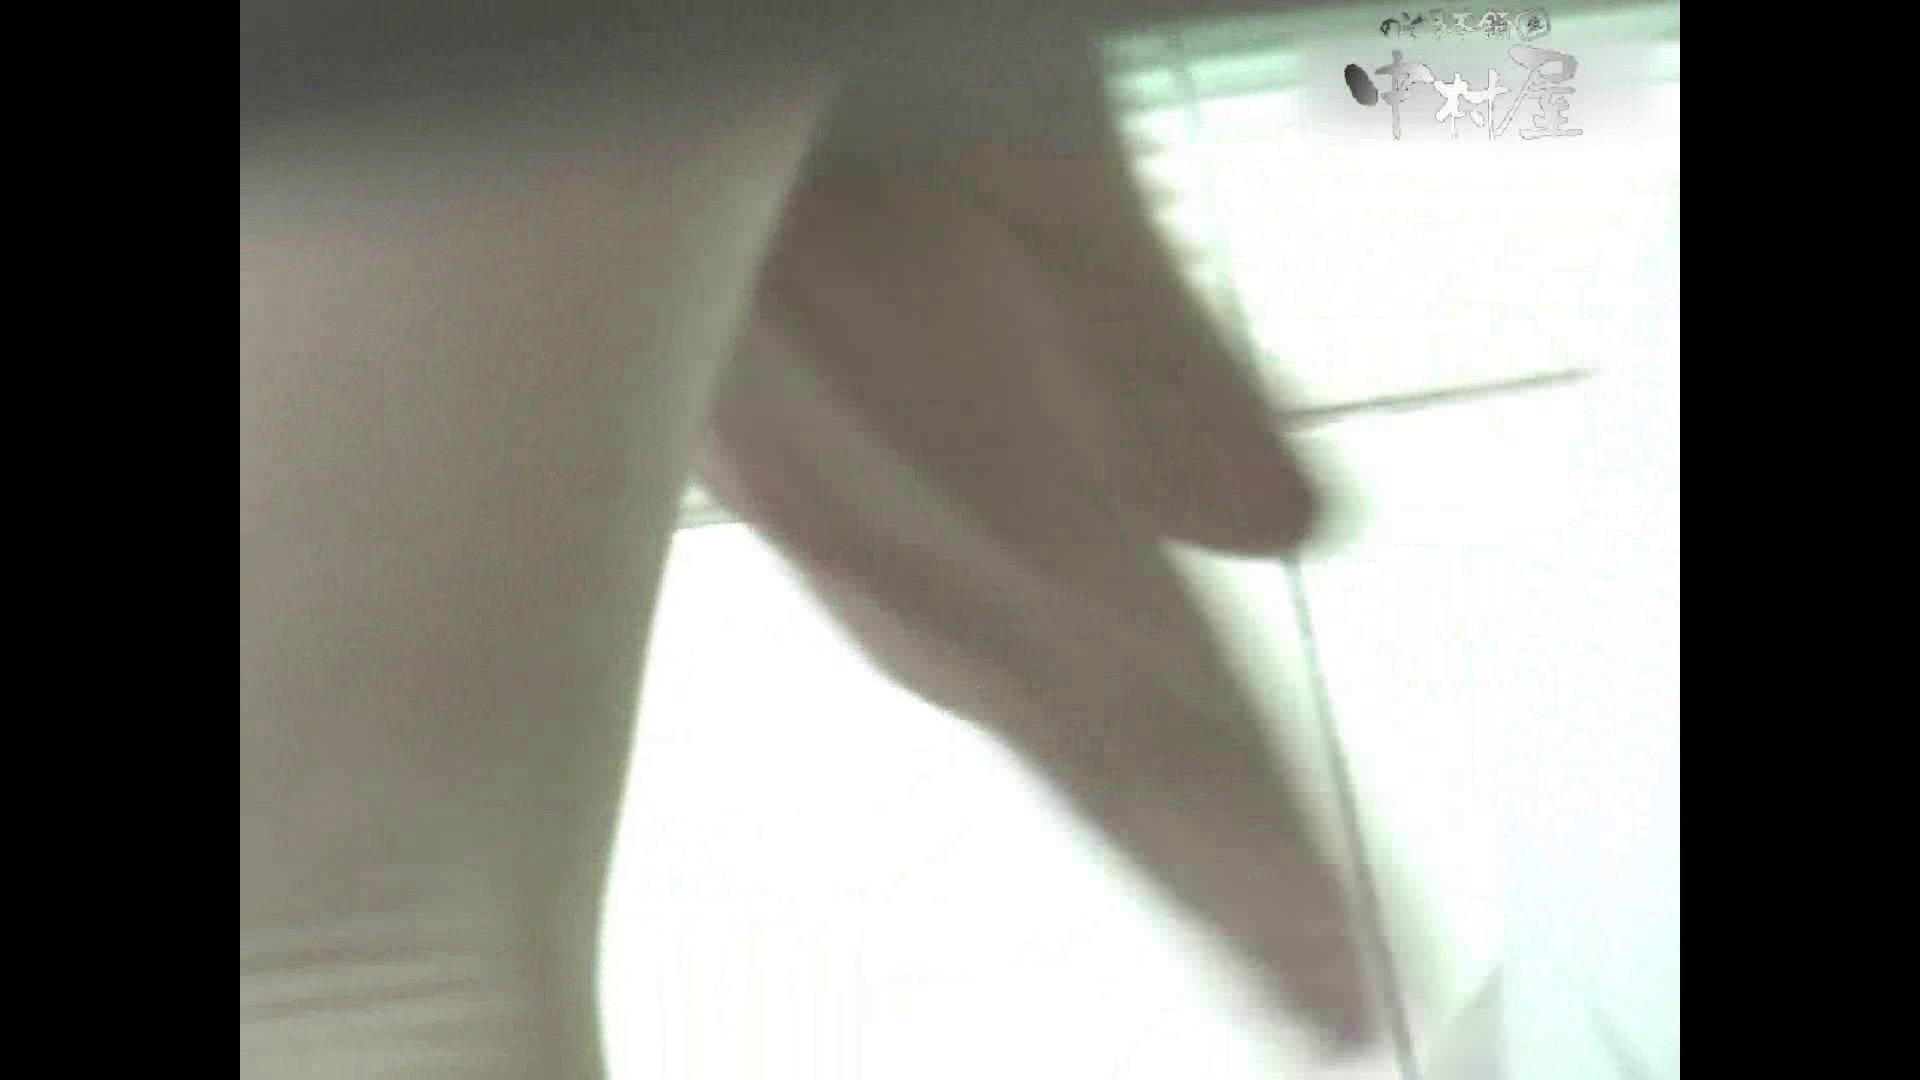 岩手県在住盗撮師盗撮記録vol.38 厠・・・ 盗撮動画紹介 105PIX 62